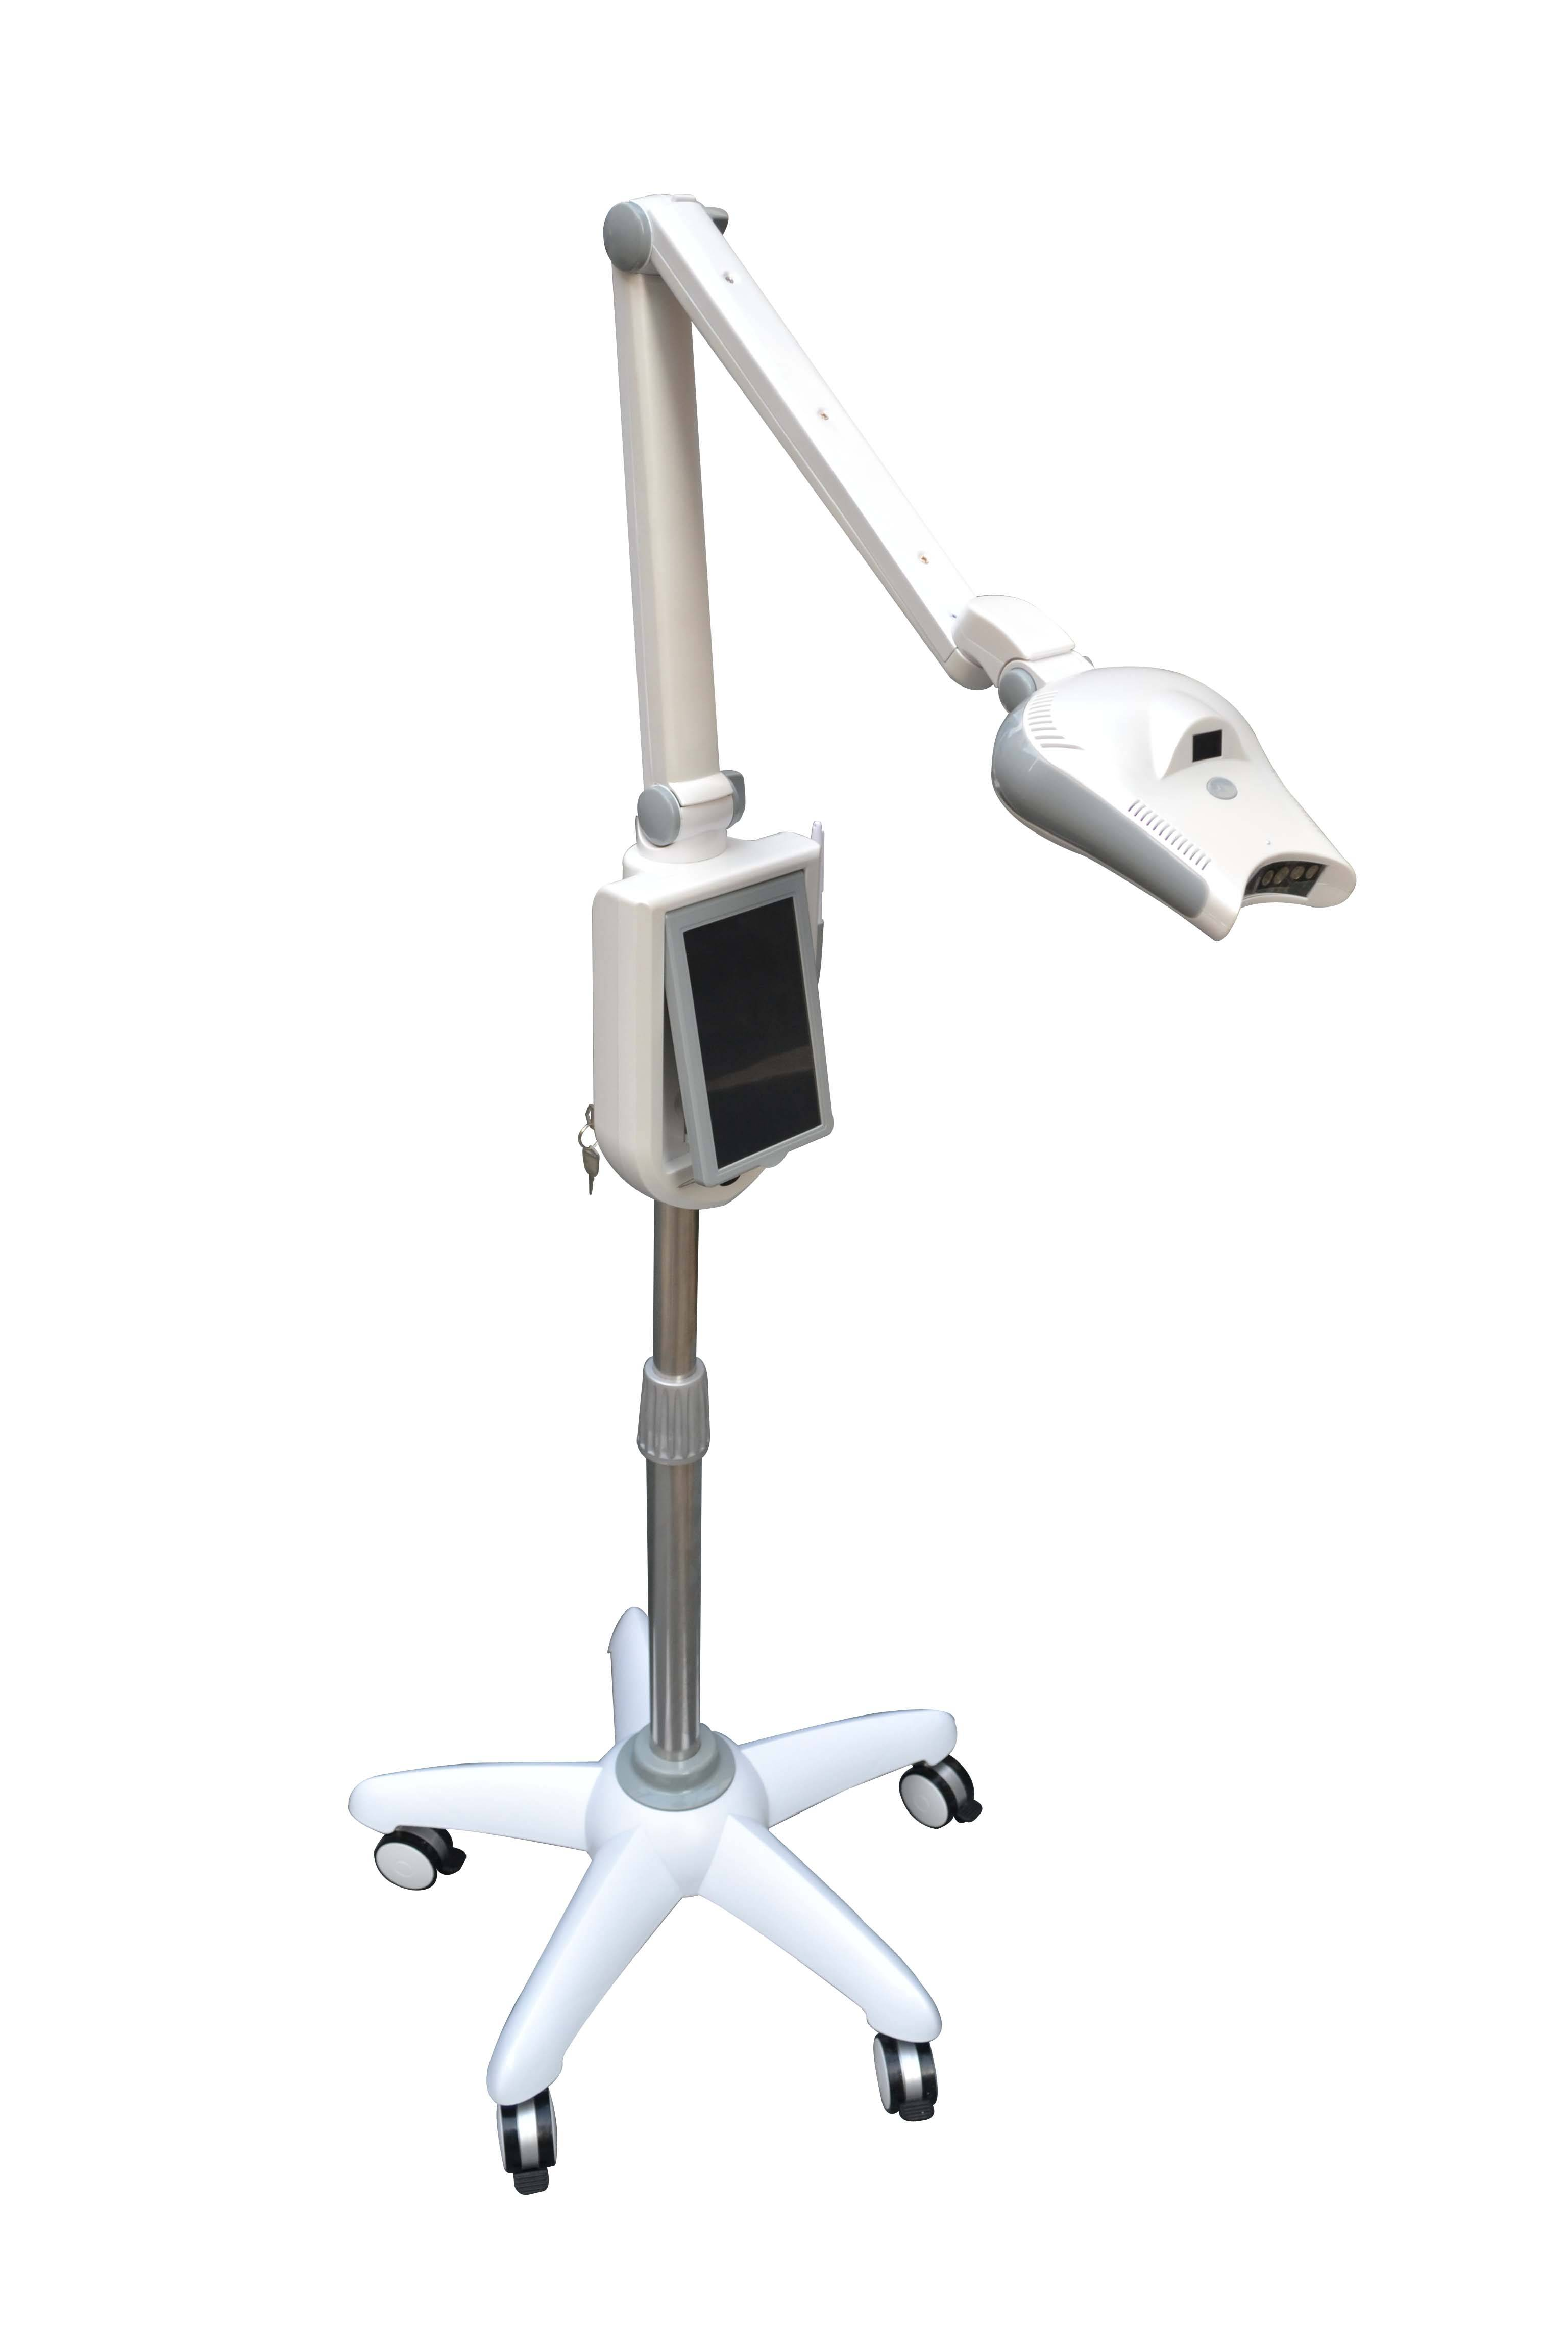 2016 Newest deisgn 40w teeth whitening light, laser teeth whitening system, teeth whitening machine